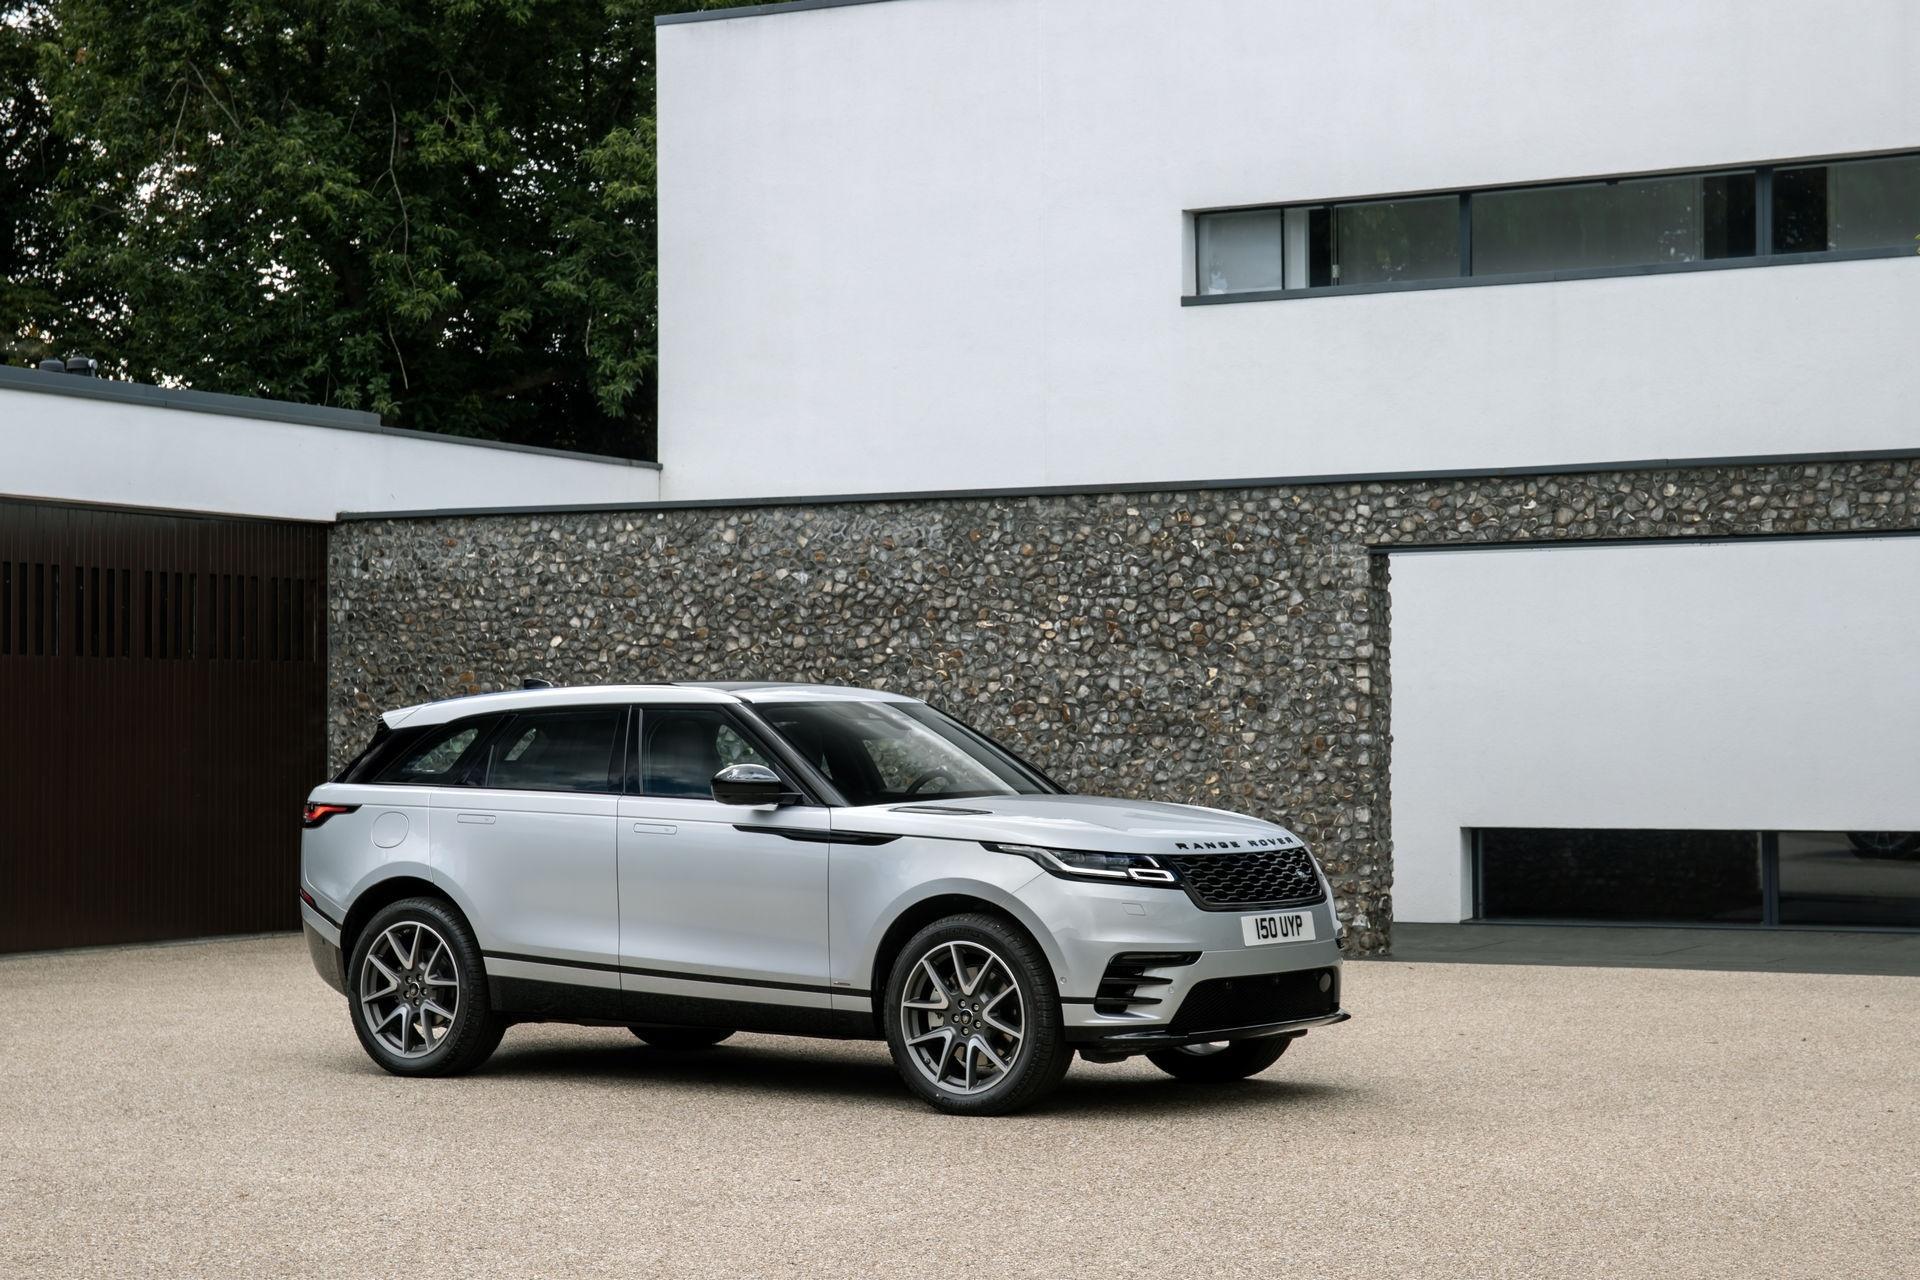 Range Rover Velar Chega A Versao 2021 Com Novos Motores E Opcao Hibrida 23 09 2020 Uol Carros